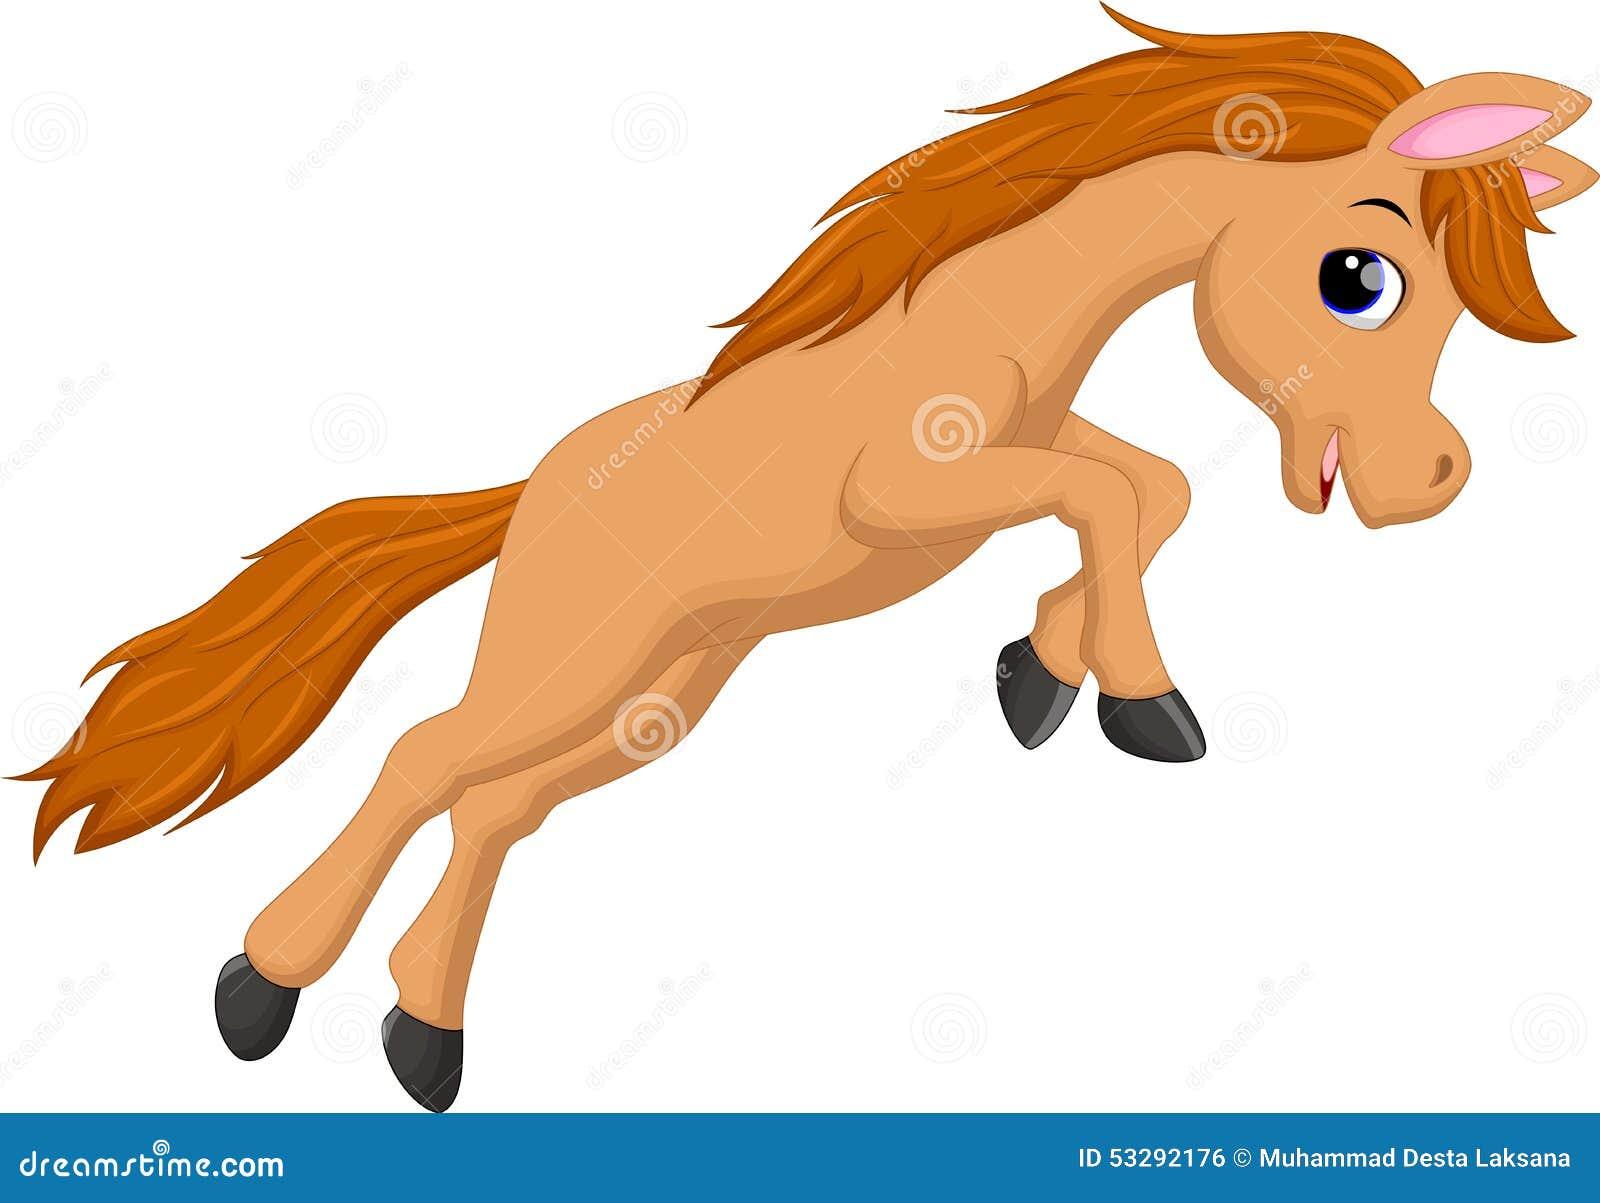 cute horse cartoon jumping stock illustration image Foal Clip Art Foal Clip Art